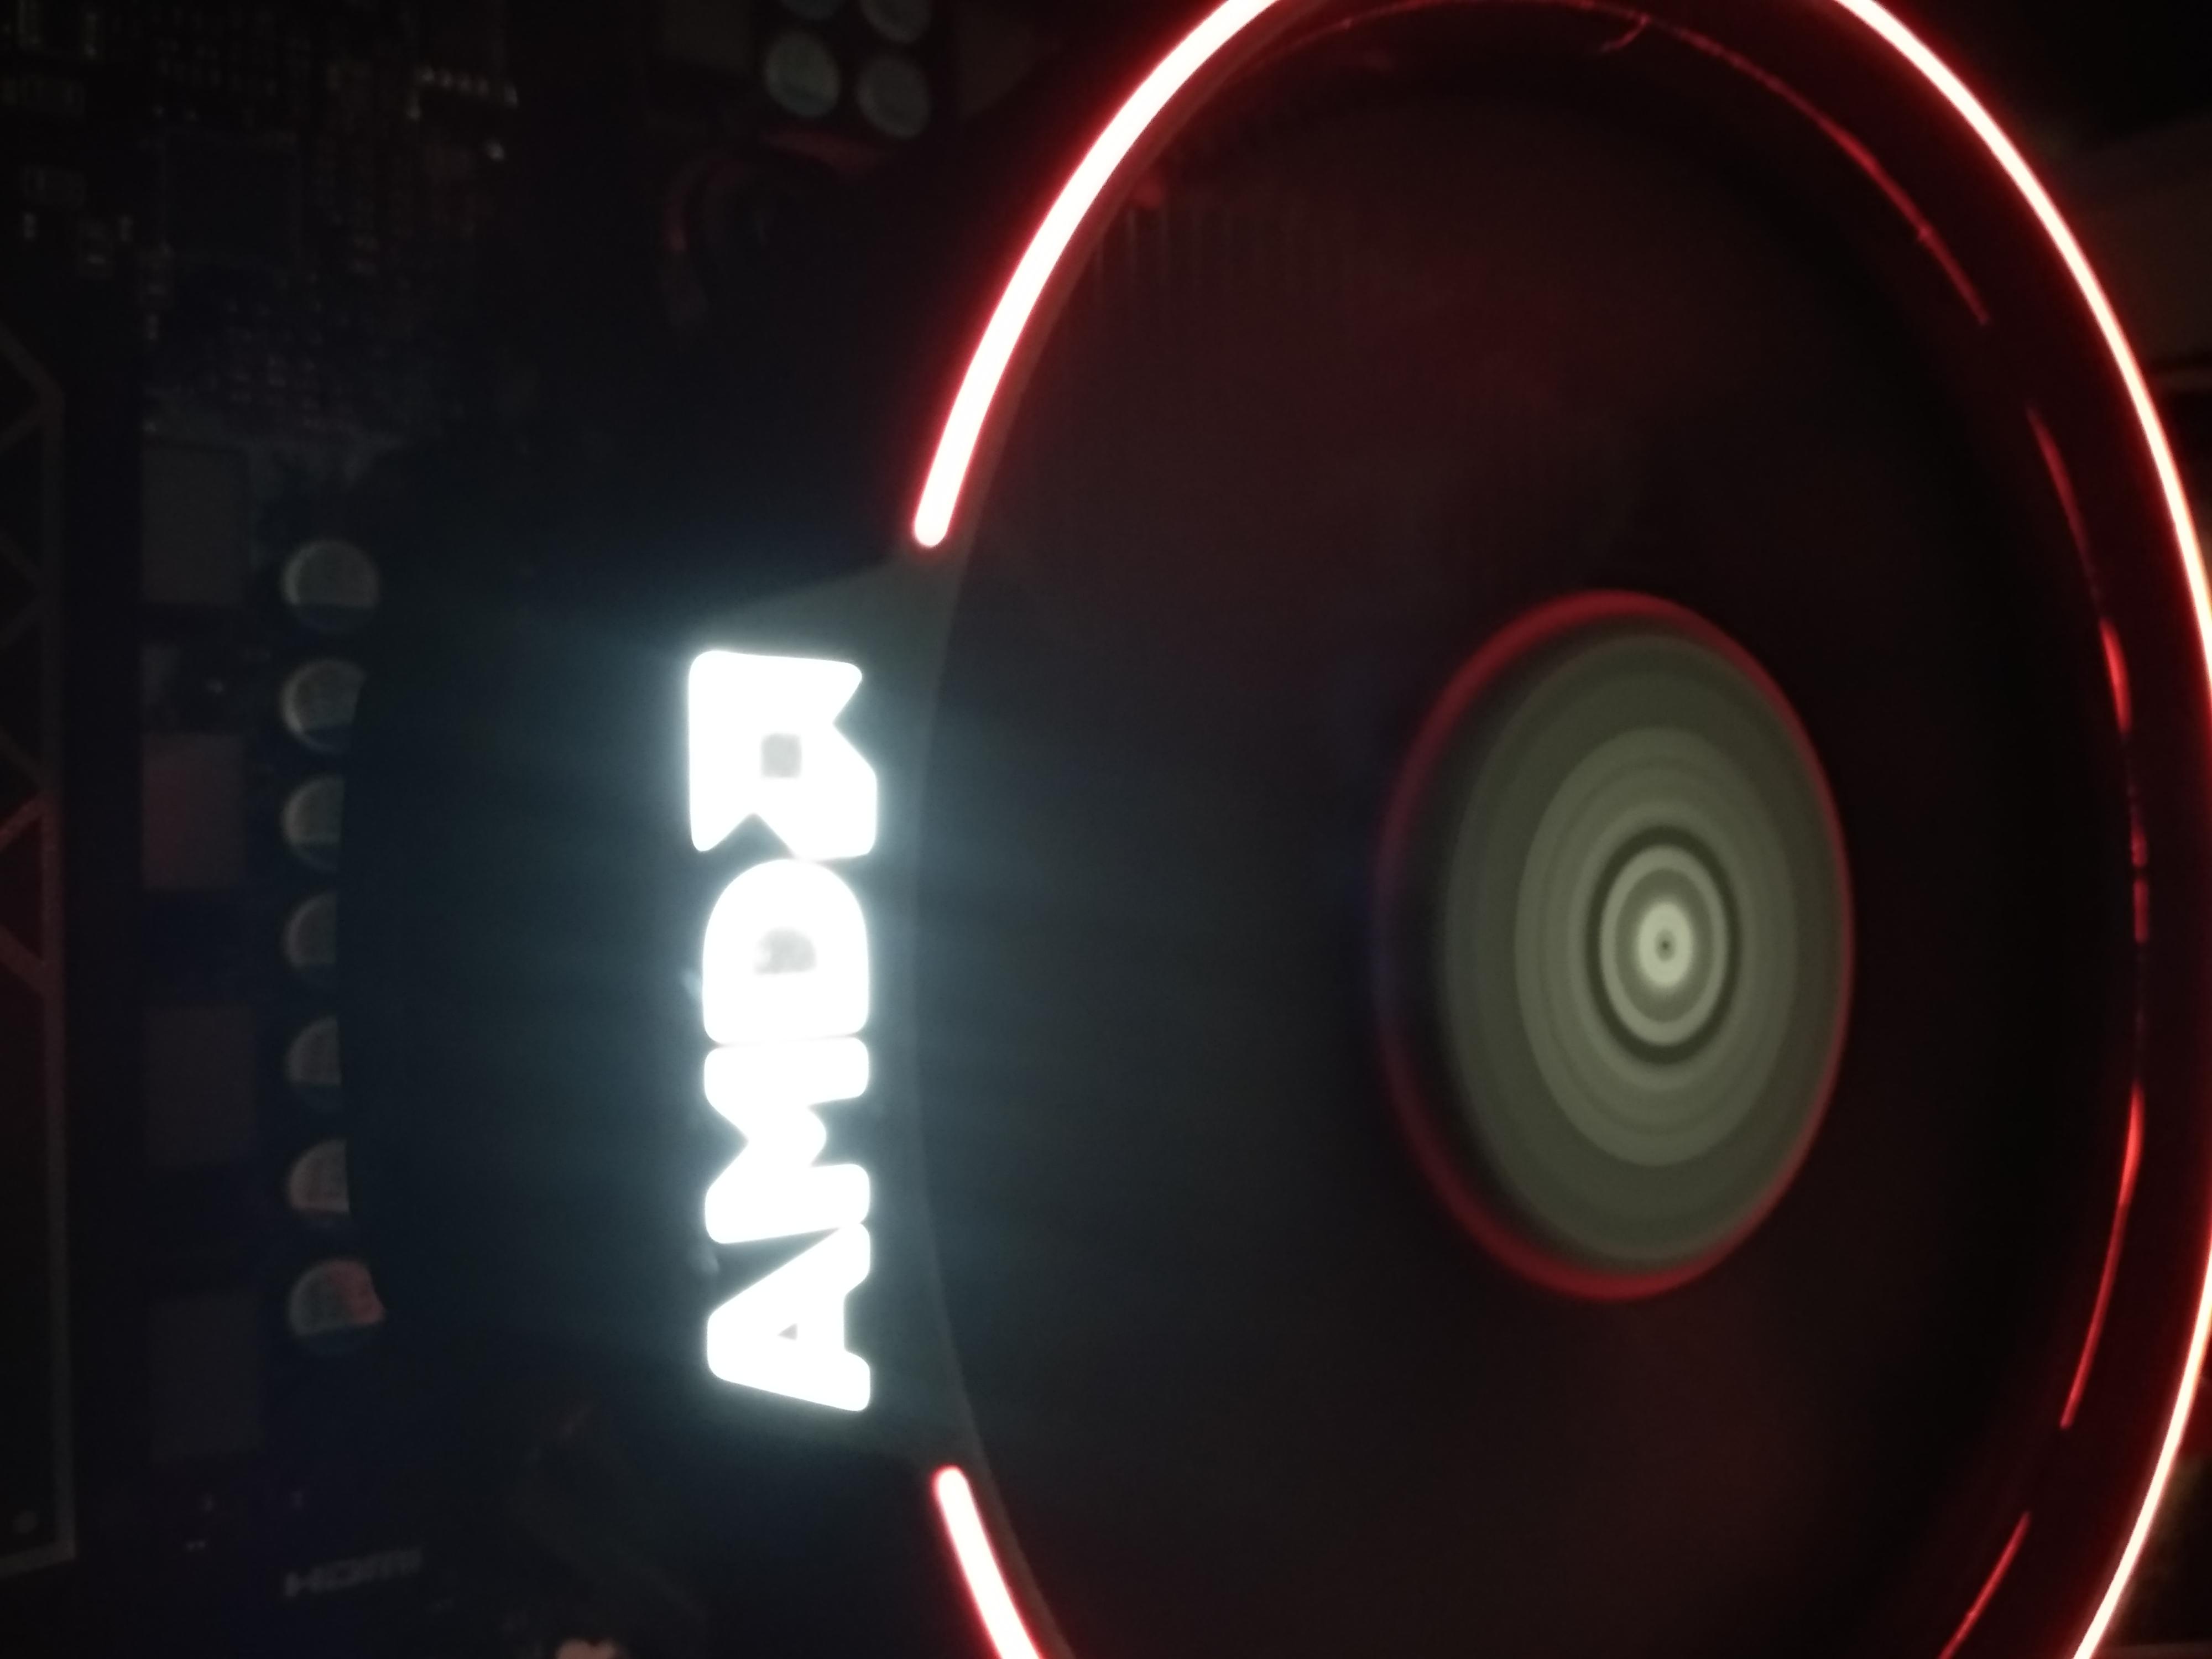 AMD Ryzen 7 1700 dobry procesor